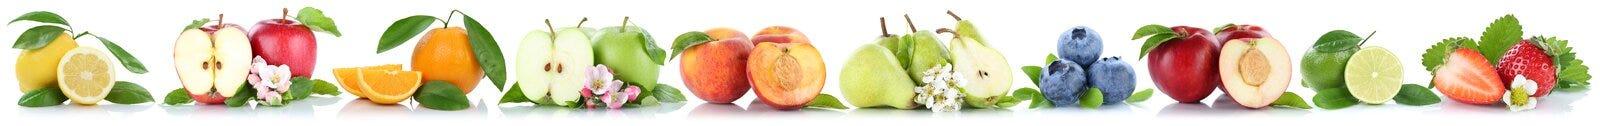 Vruchten sinaasappelen van appel de oranje die appelen op een rij op wit worden geïsoleerd Royalty-vrije Stock Fotografie